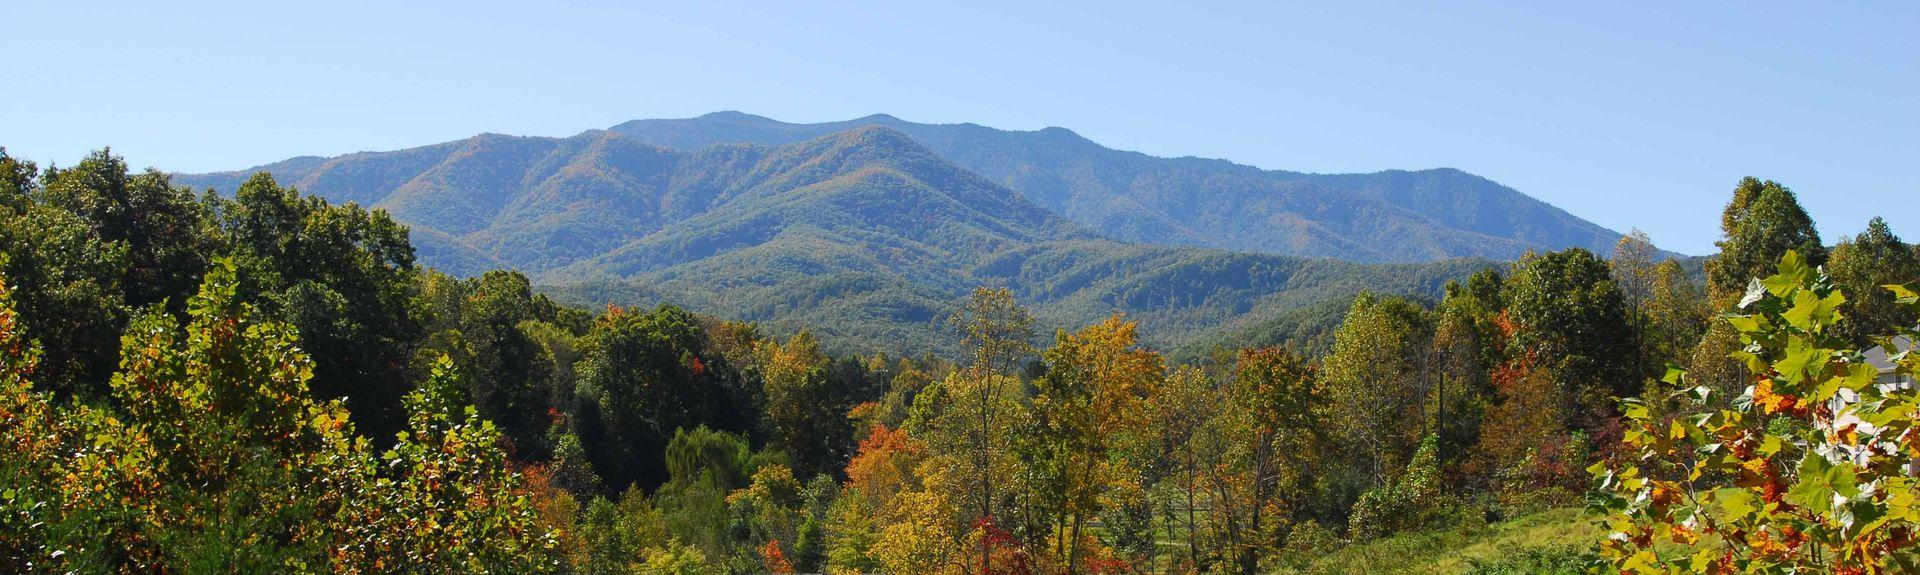 Cherokee, NC, USA